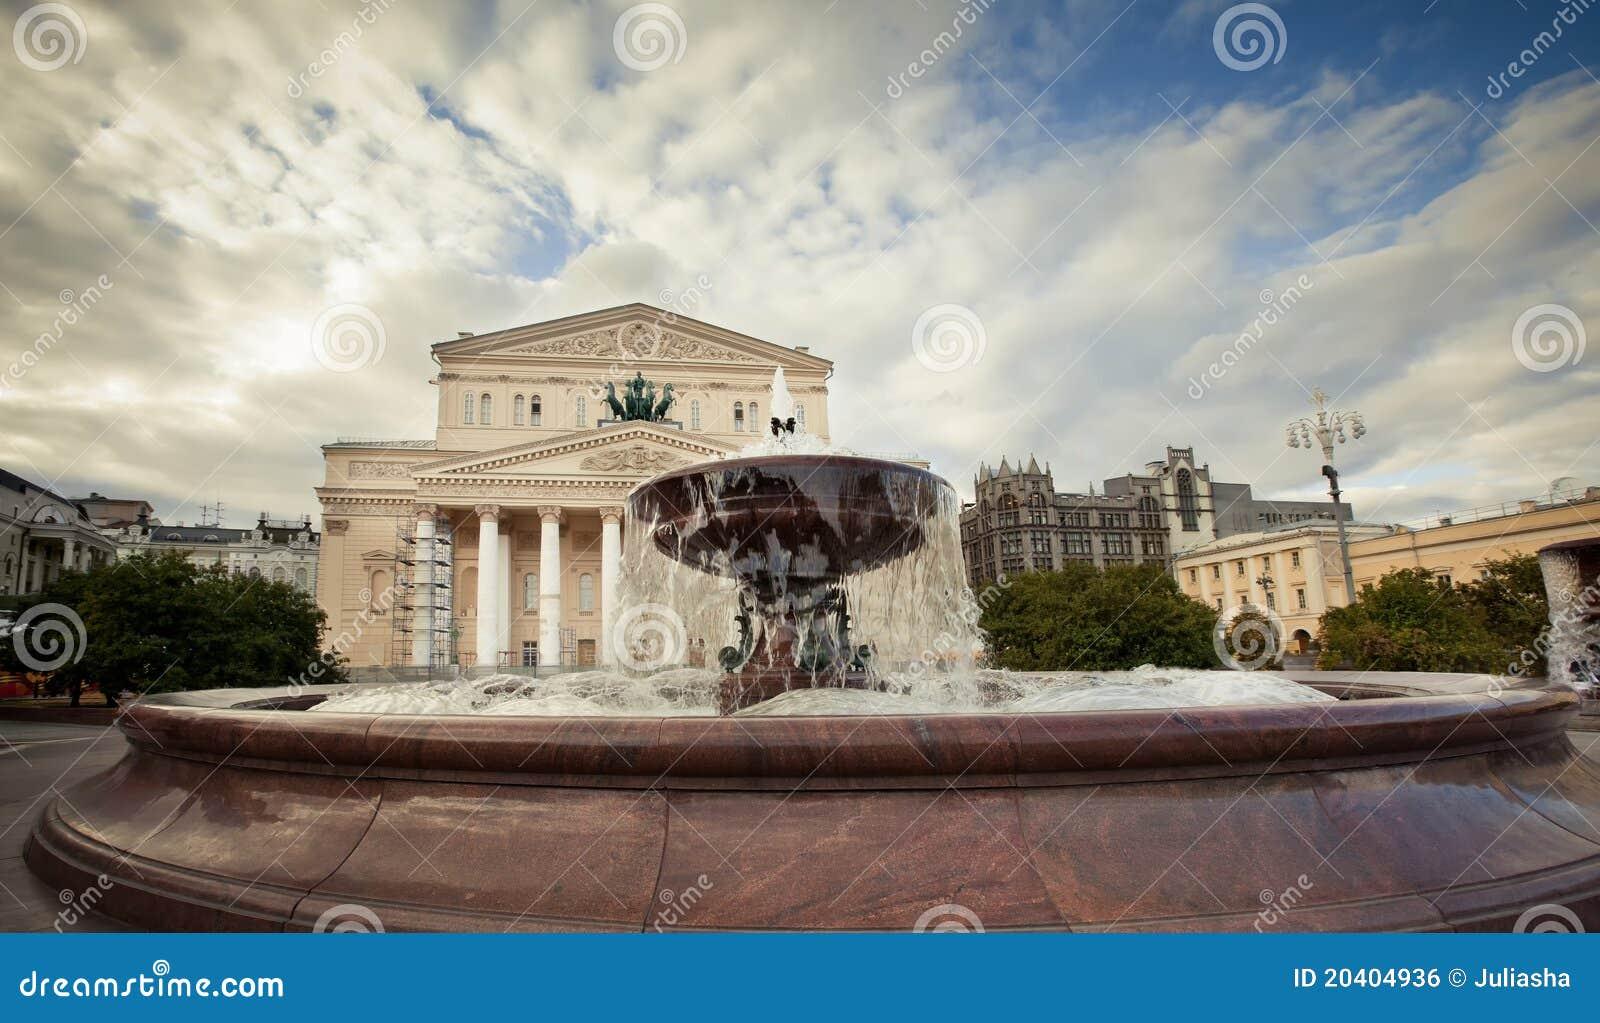 Storslagen theatre